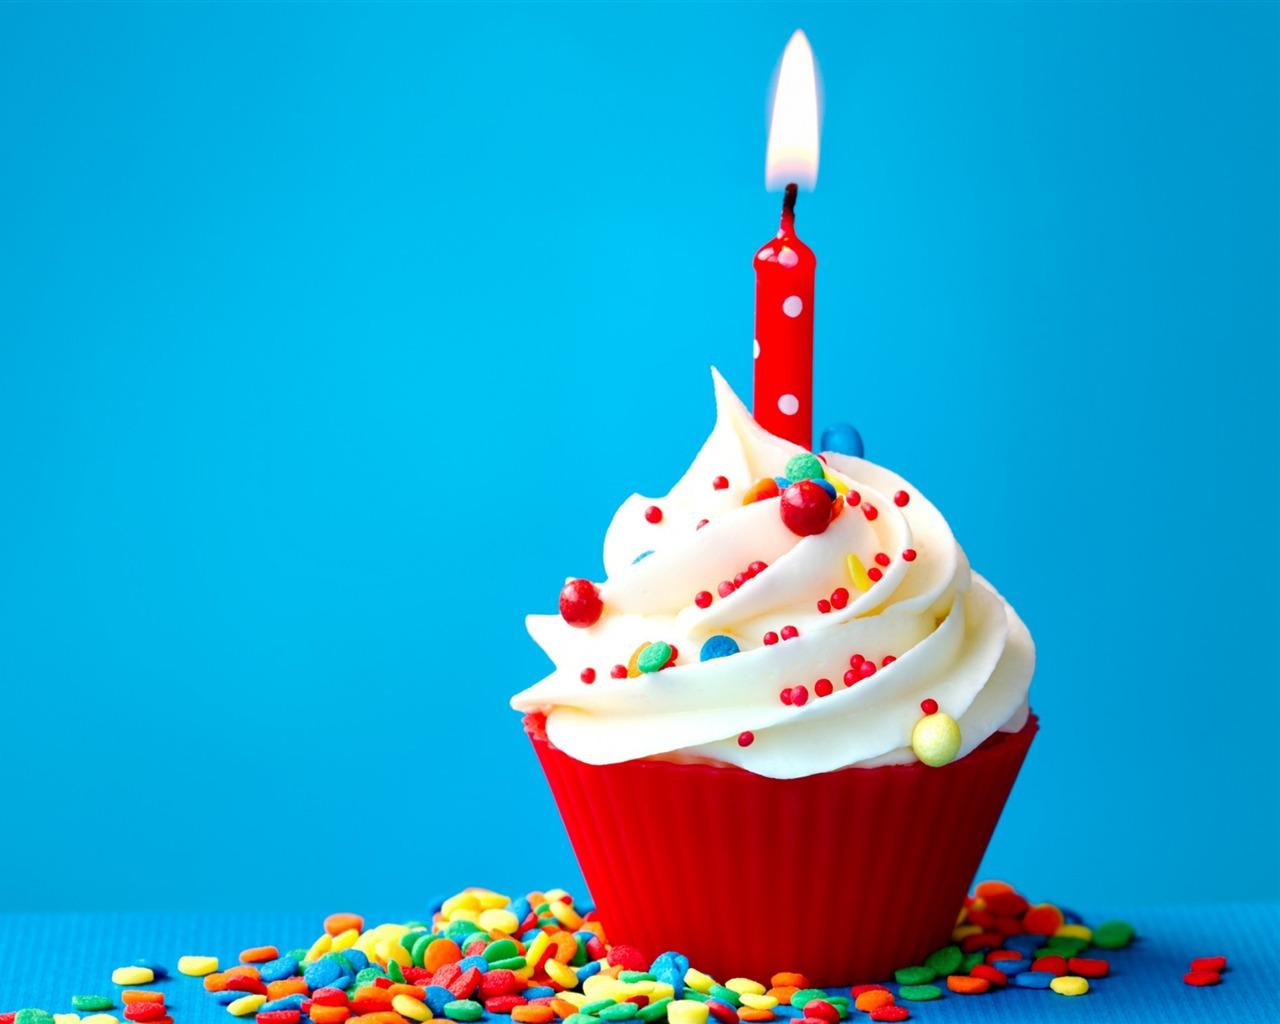 Le Gâteau D'anniversaire Douce-haute Qualité Fond D'écran